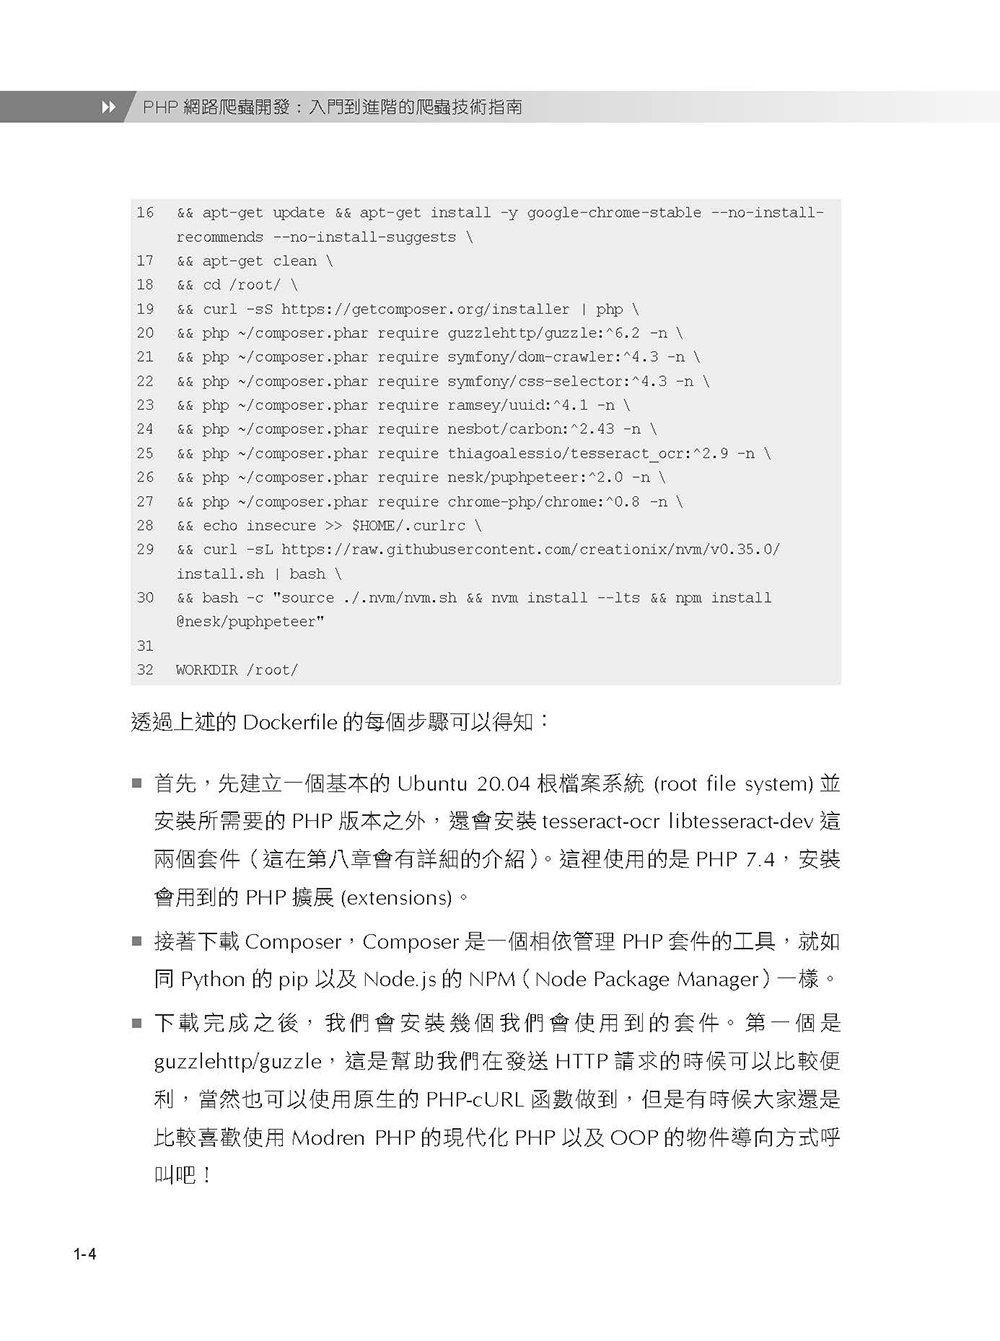 PHP 網路爬蟲開發:入門到進階的爬蟲技術指南(iT邦幫忙鐵人賽系列書)-preview-6